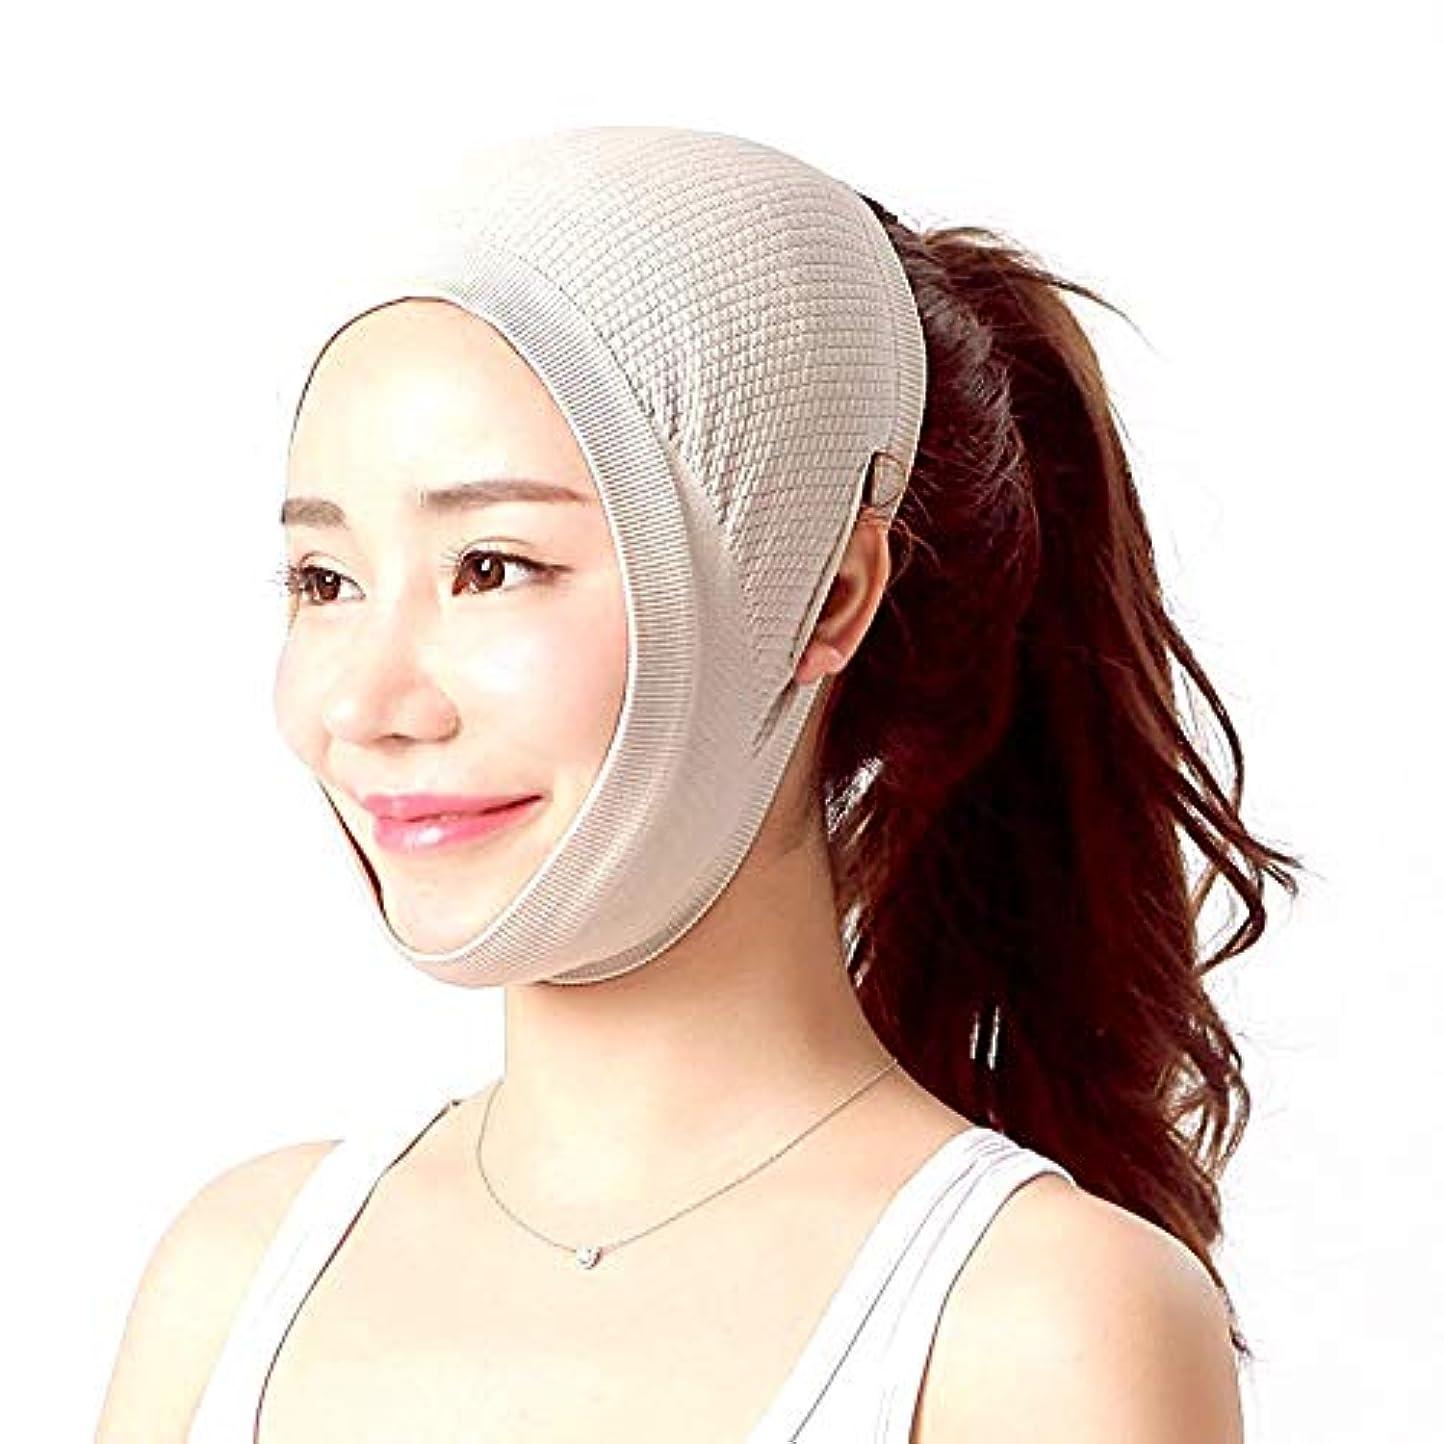 薬理学先に発症GYZ フェイスリフティングアーティファクト包帯ライン術後回復包帯リフティングフェイスフードVフェイス包帯リフティングVフェイス美容マスク - 肌のトーン Thin Face Belt